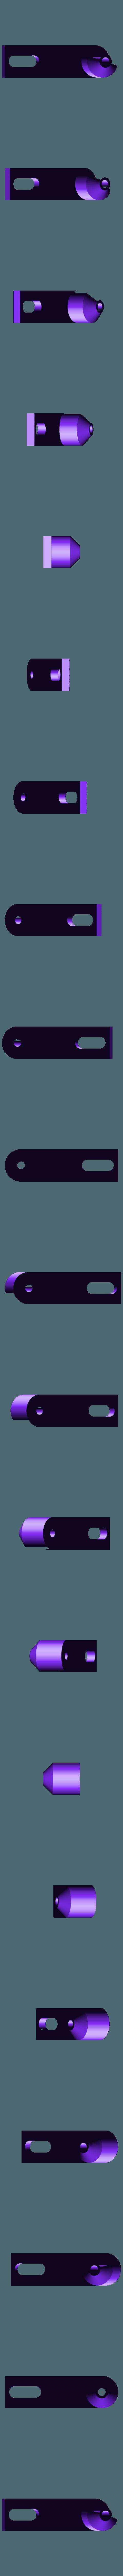 filament_guide.stl Télécharger fichier STL gratuit Extrudeuse à engrenages • Modèle pour impression 3D, Job